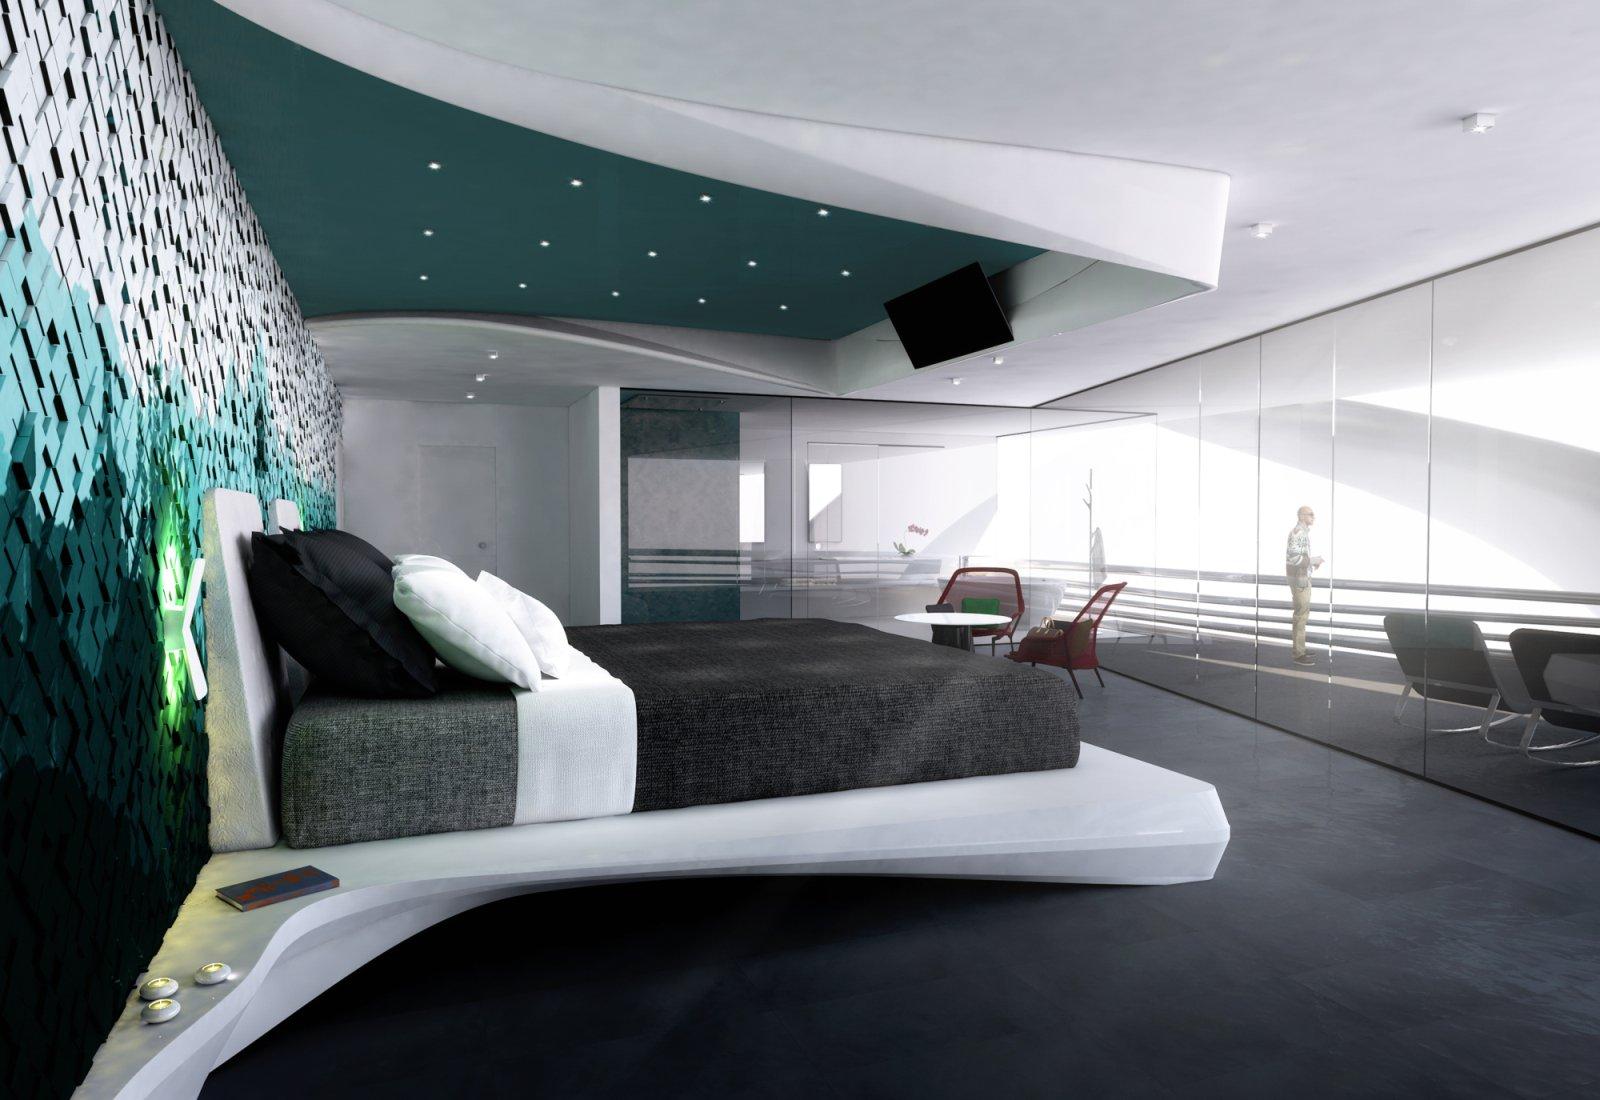 Luxury Bleisure Hotel